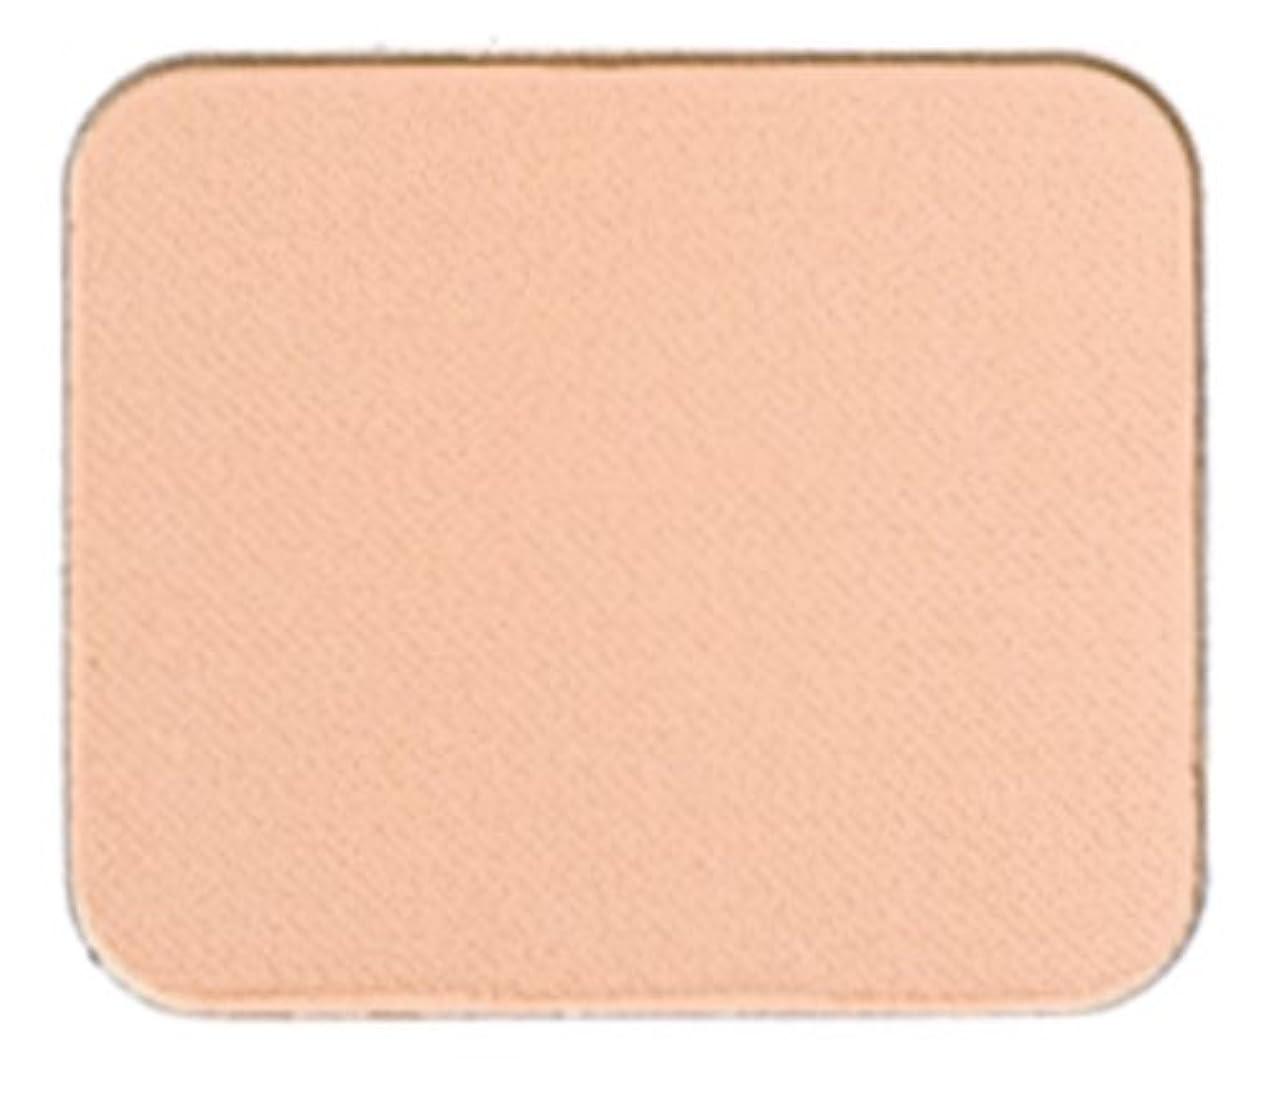 受取人み斧ドクターシーラボ BBパーフェクト ファンデーション WHITE377プラス レフィル ナチュラル2 (平均的な肌色) 12g SPF25 PA++